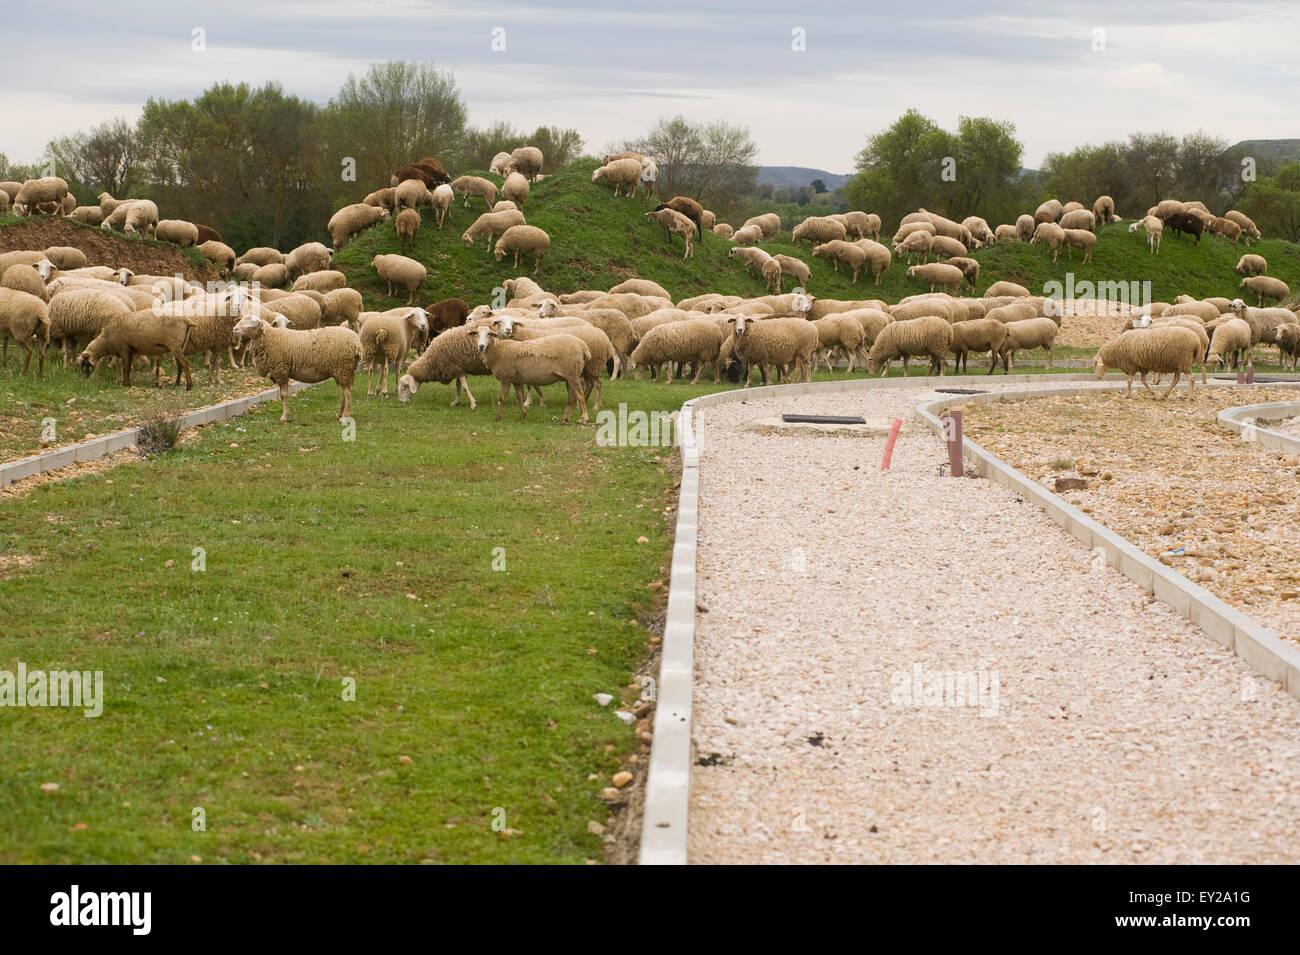 Ciudad del Medio Ambiente, Soto de Garray, Soria, Spanien. Stadt der Umgebung. Stockbild